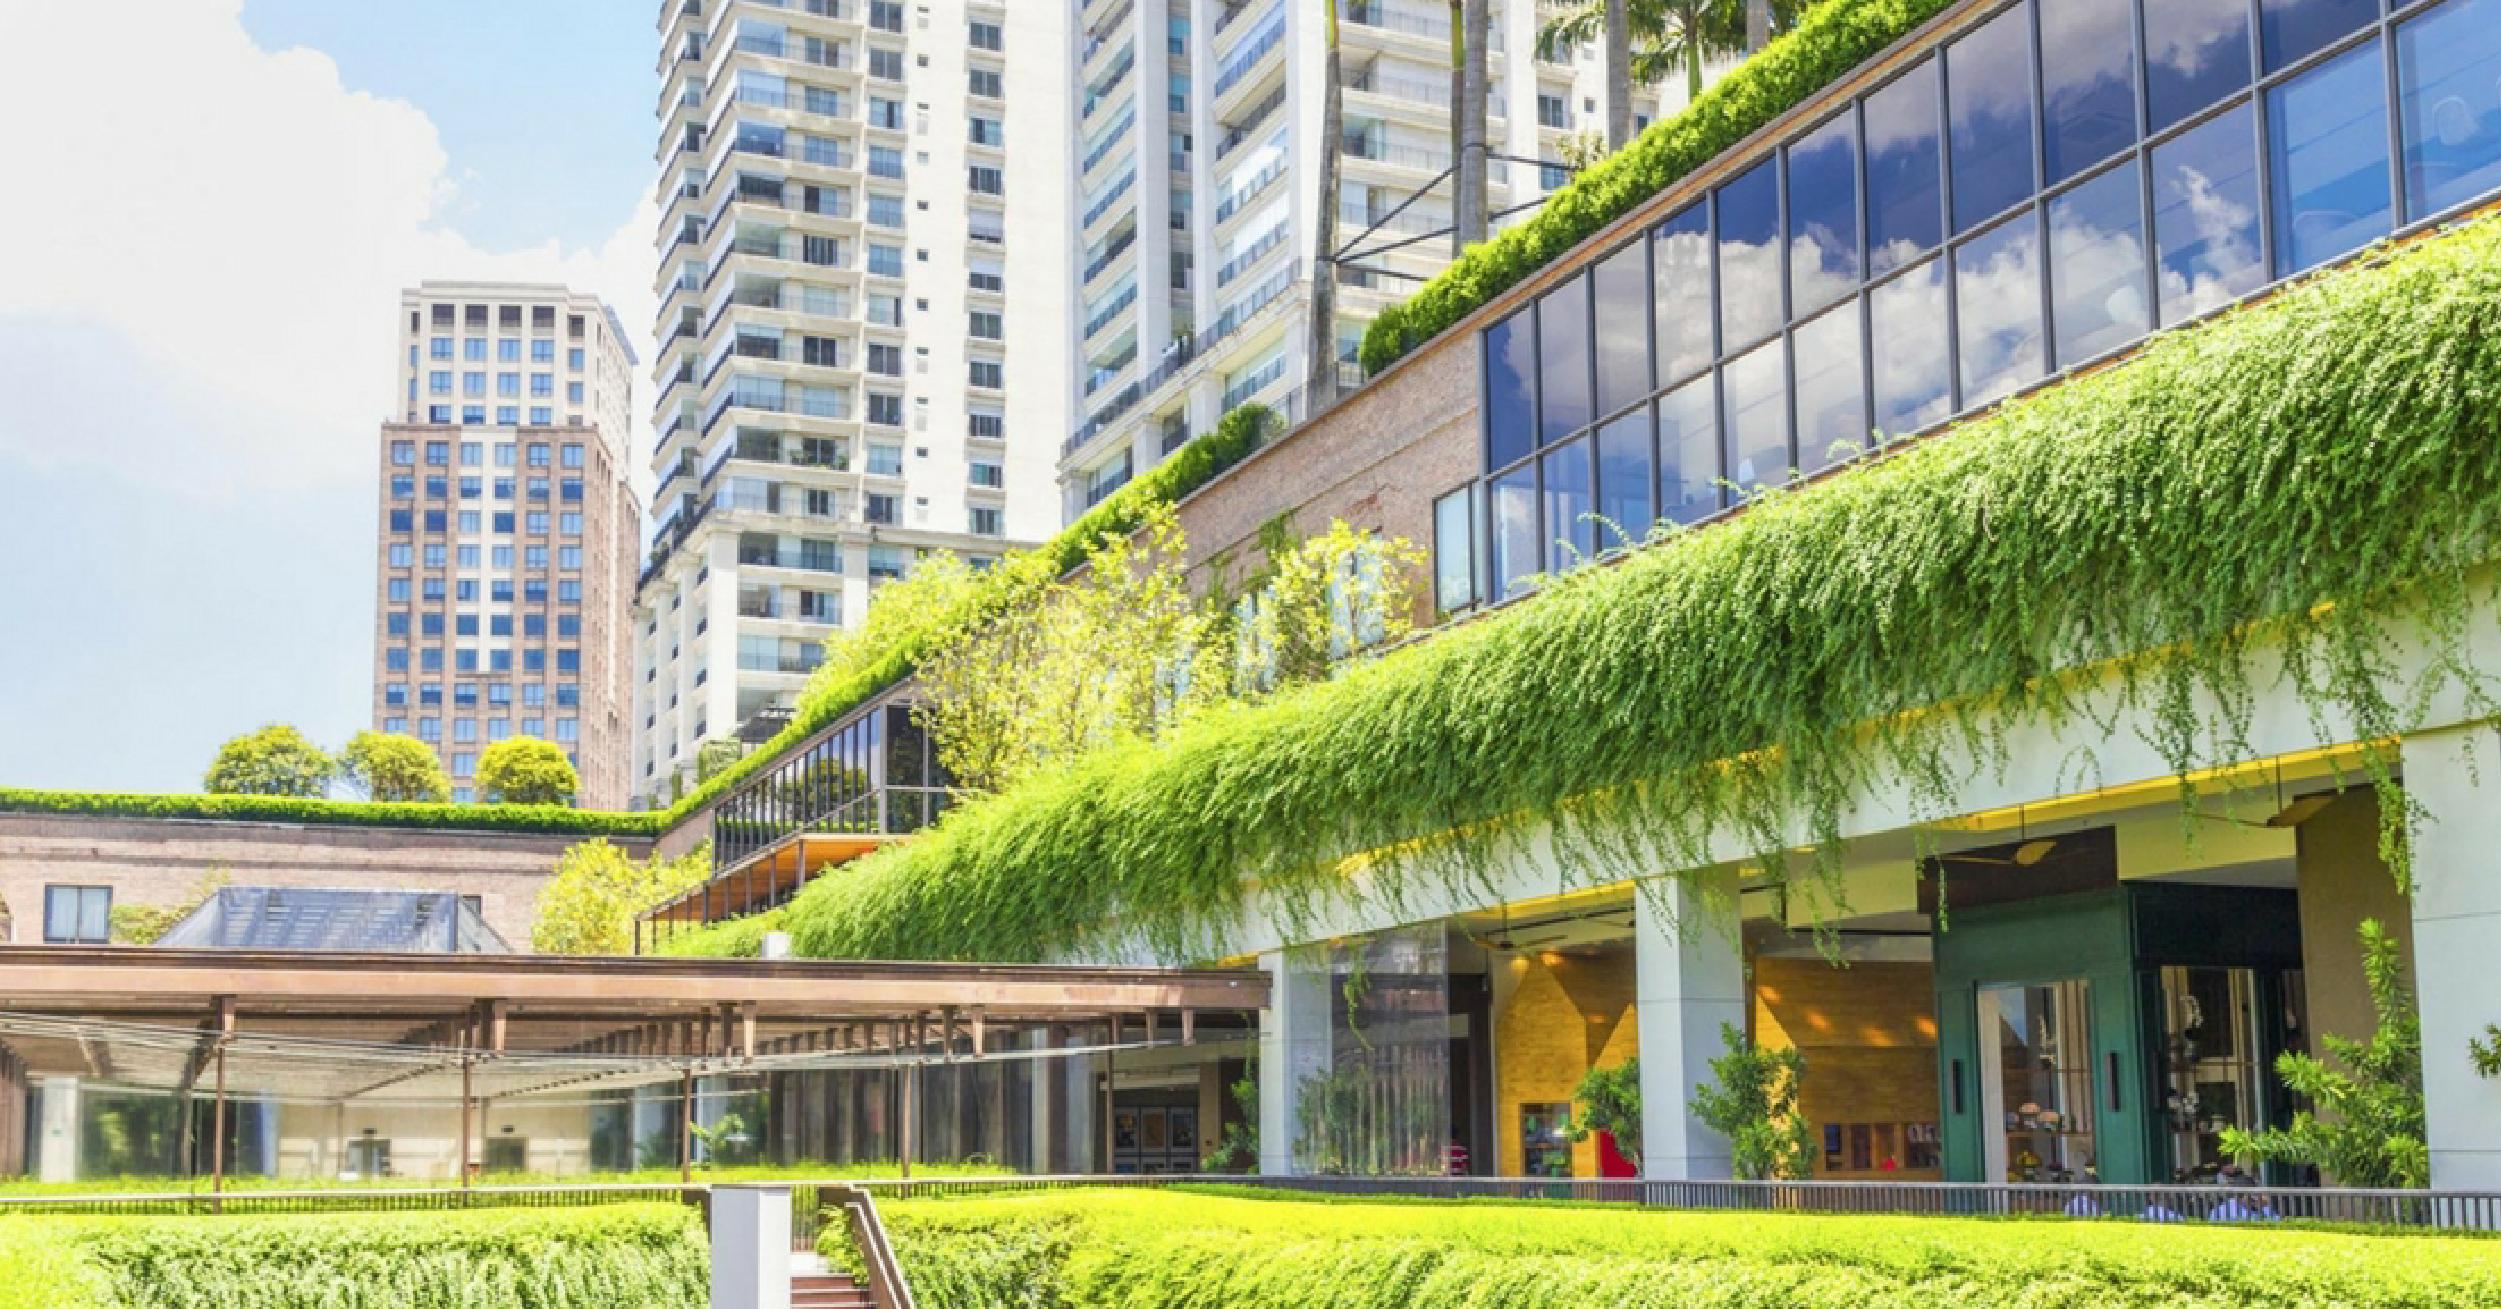 arval-panama-construccion-sostenible